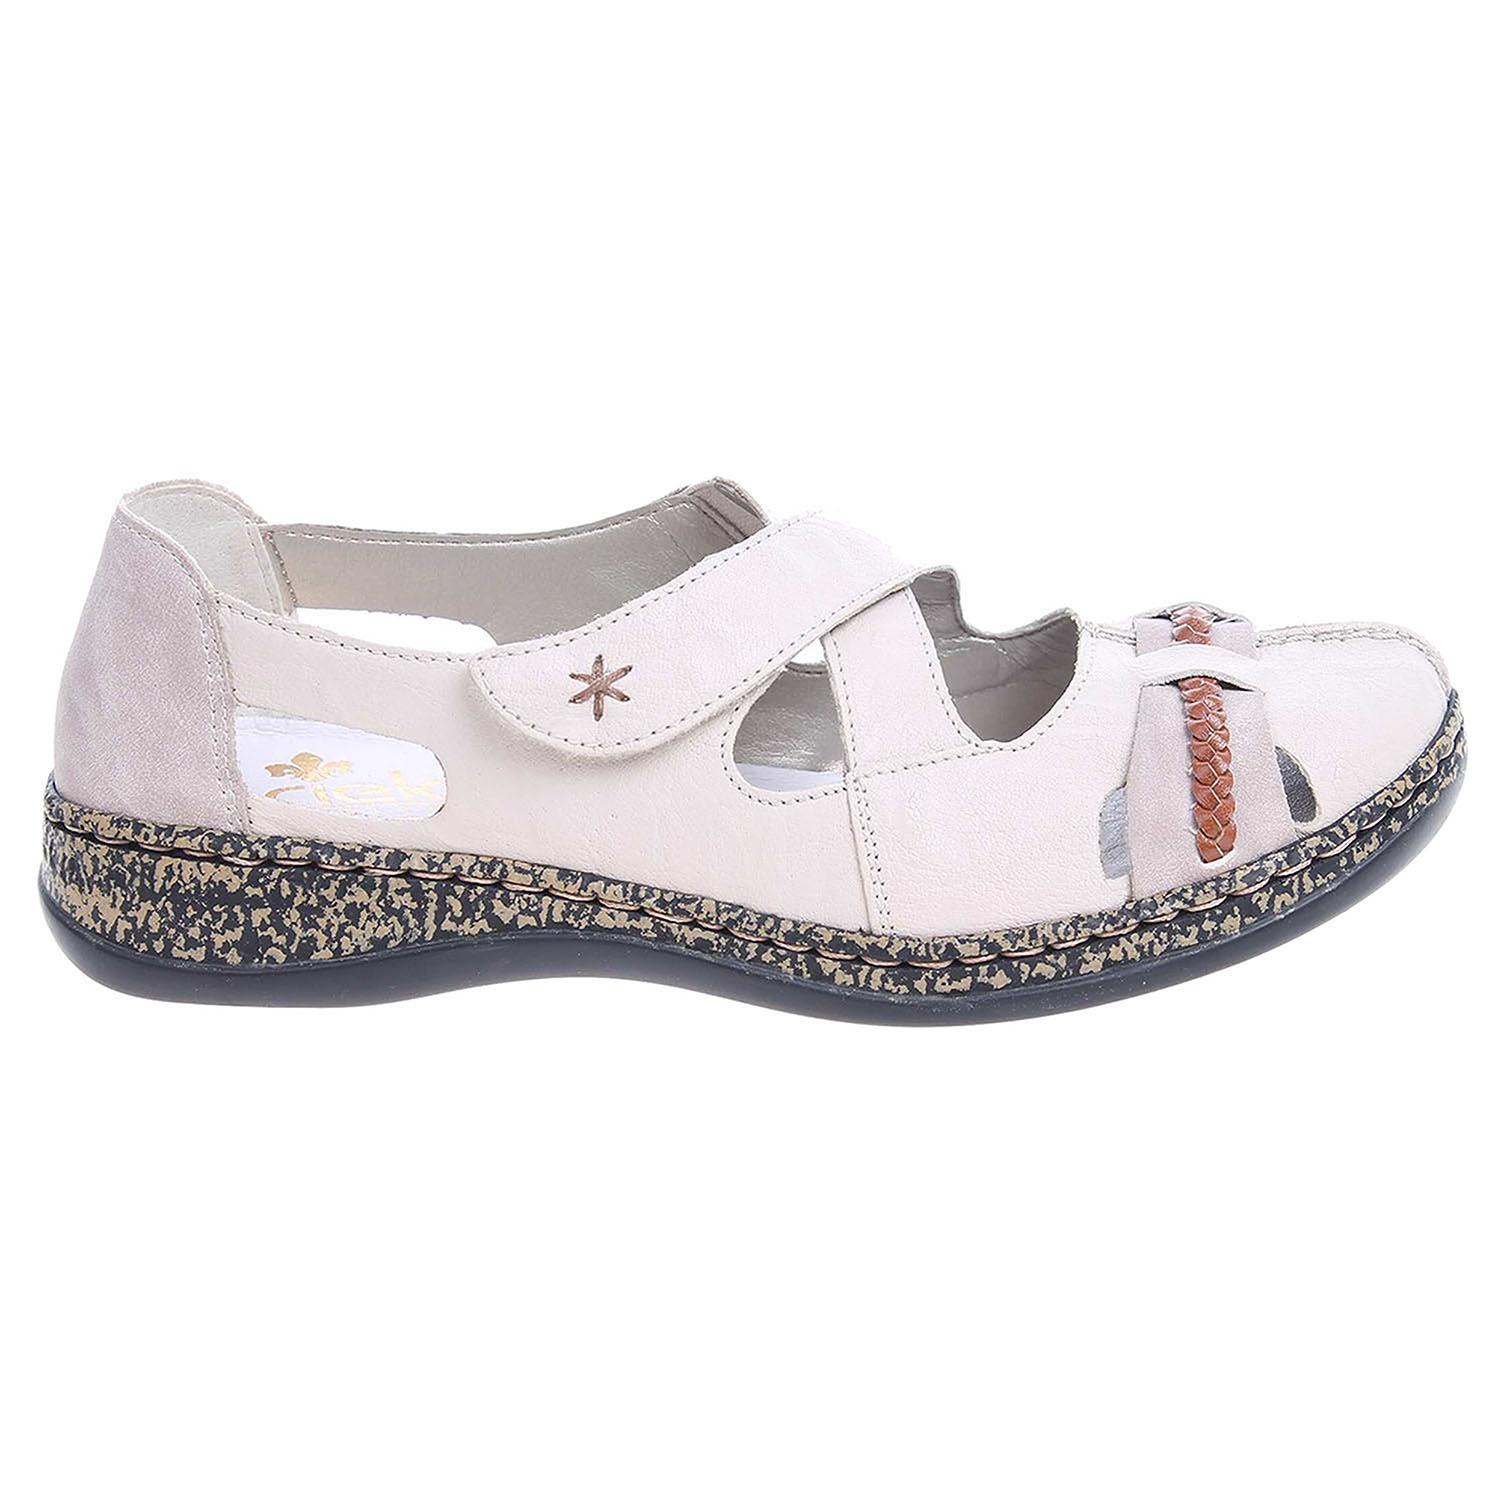 Ecco Rieker dámské sandály 46352-60 béžové 23800873